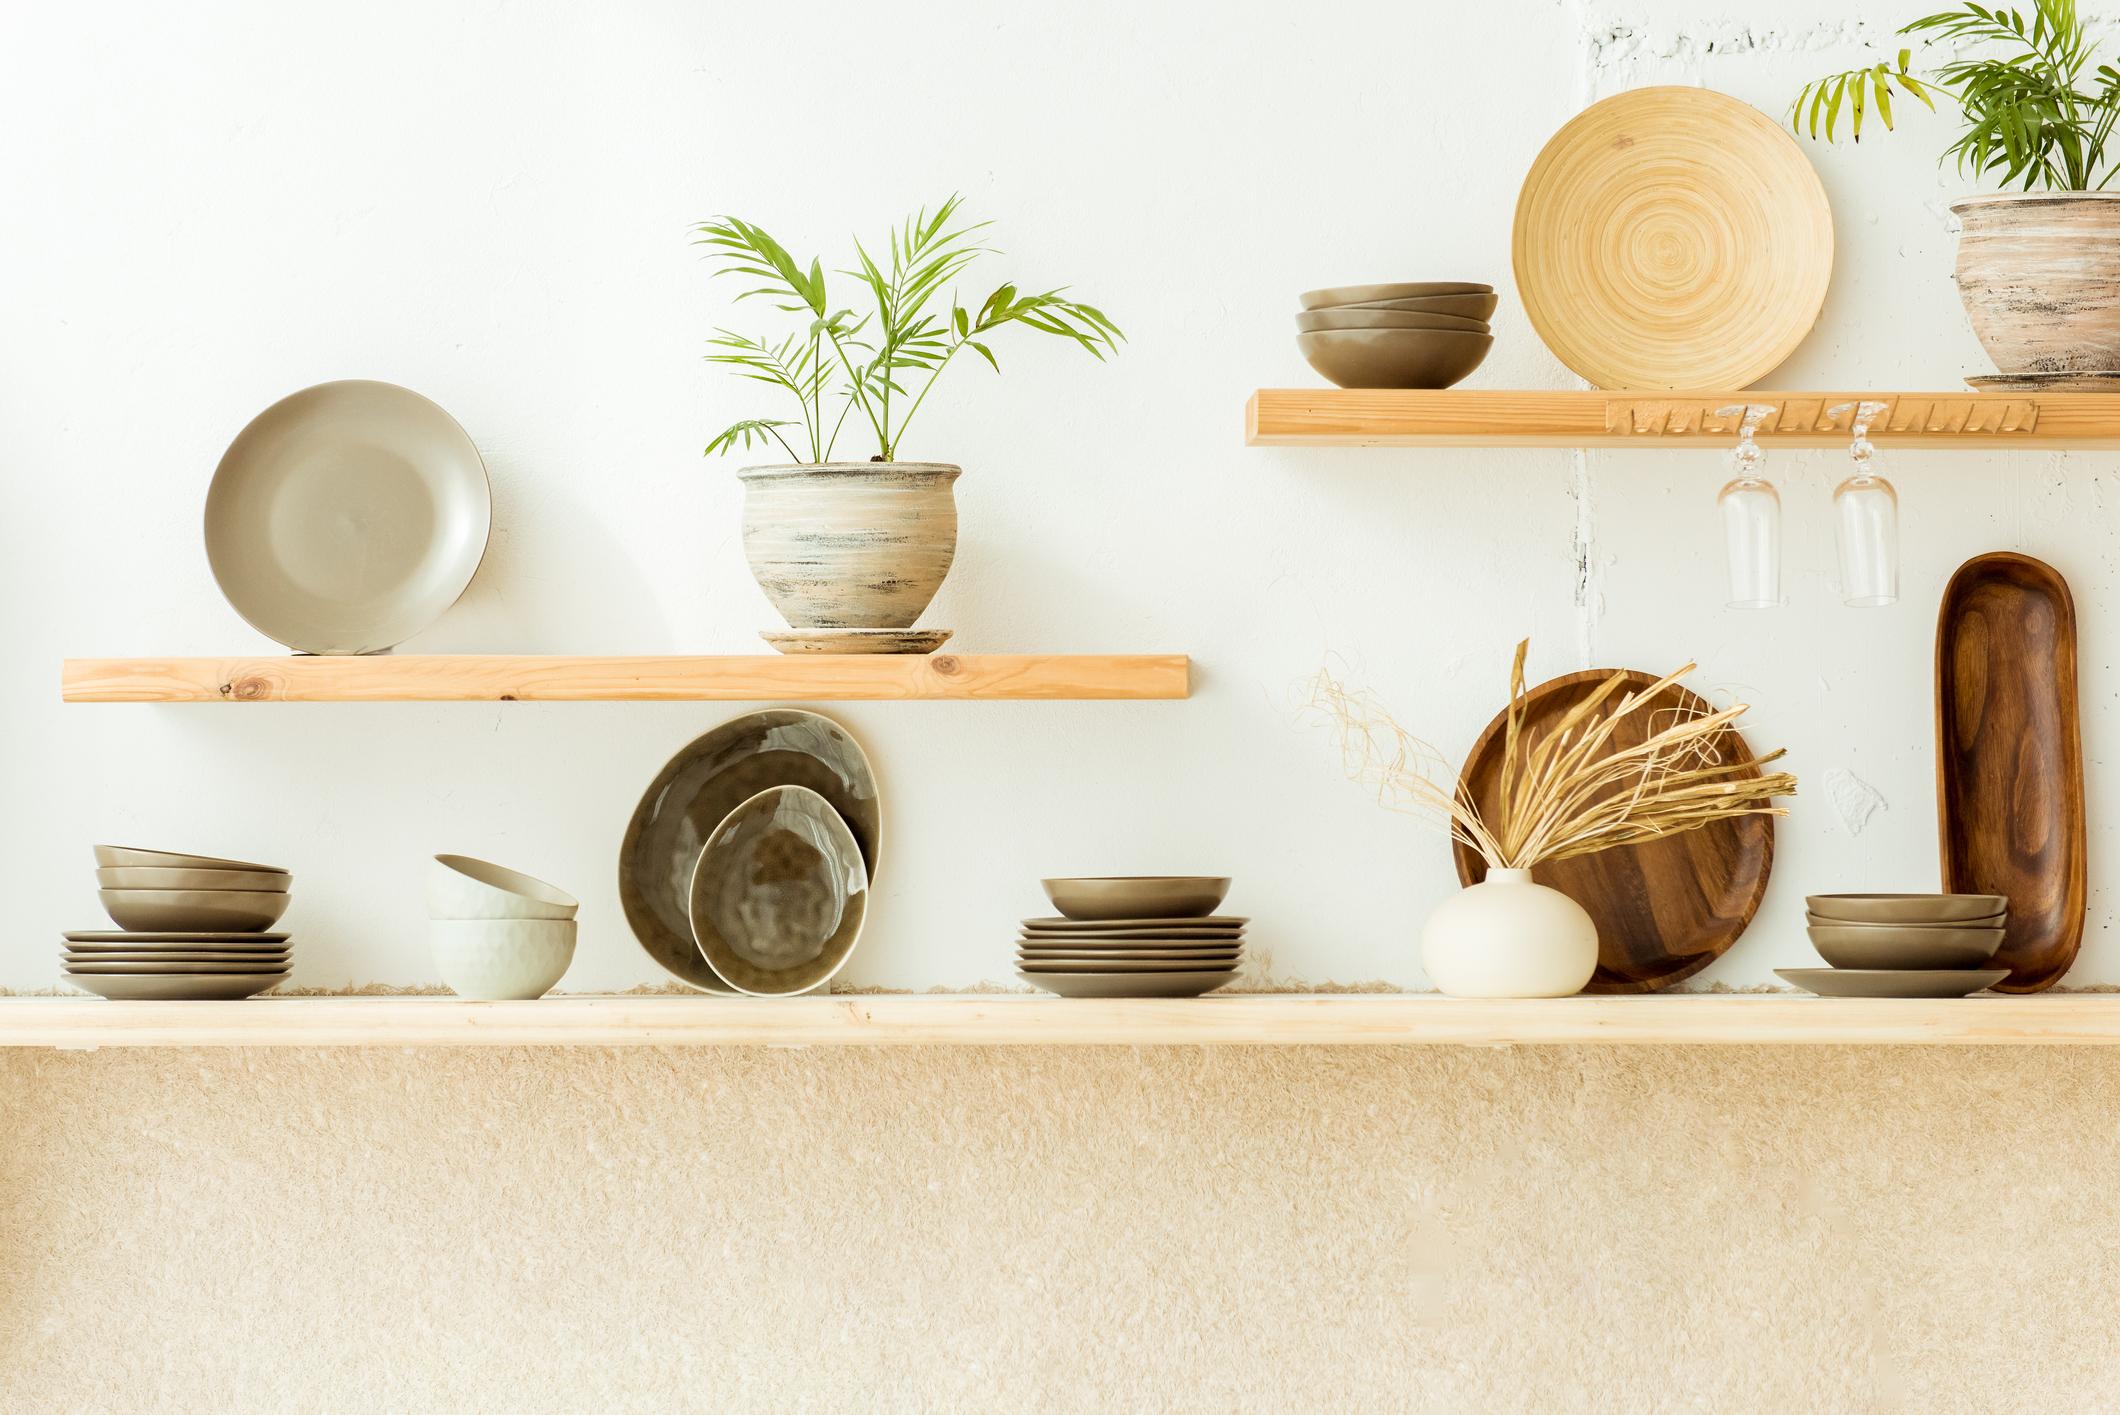 <p>Дръжте рафтовете си подредени и без много излишни вещи върху тях. Така не само ще трябва да чистите по-малко прах, но и домът ви ще изглежда по-малко претрупан. Така ще имате усещането, че помещението &quot;диша&quot;.</p>